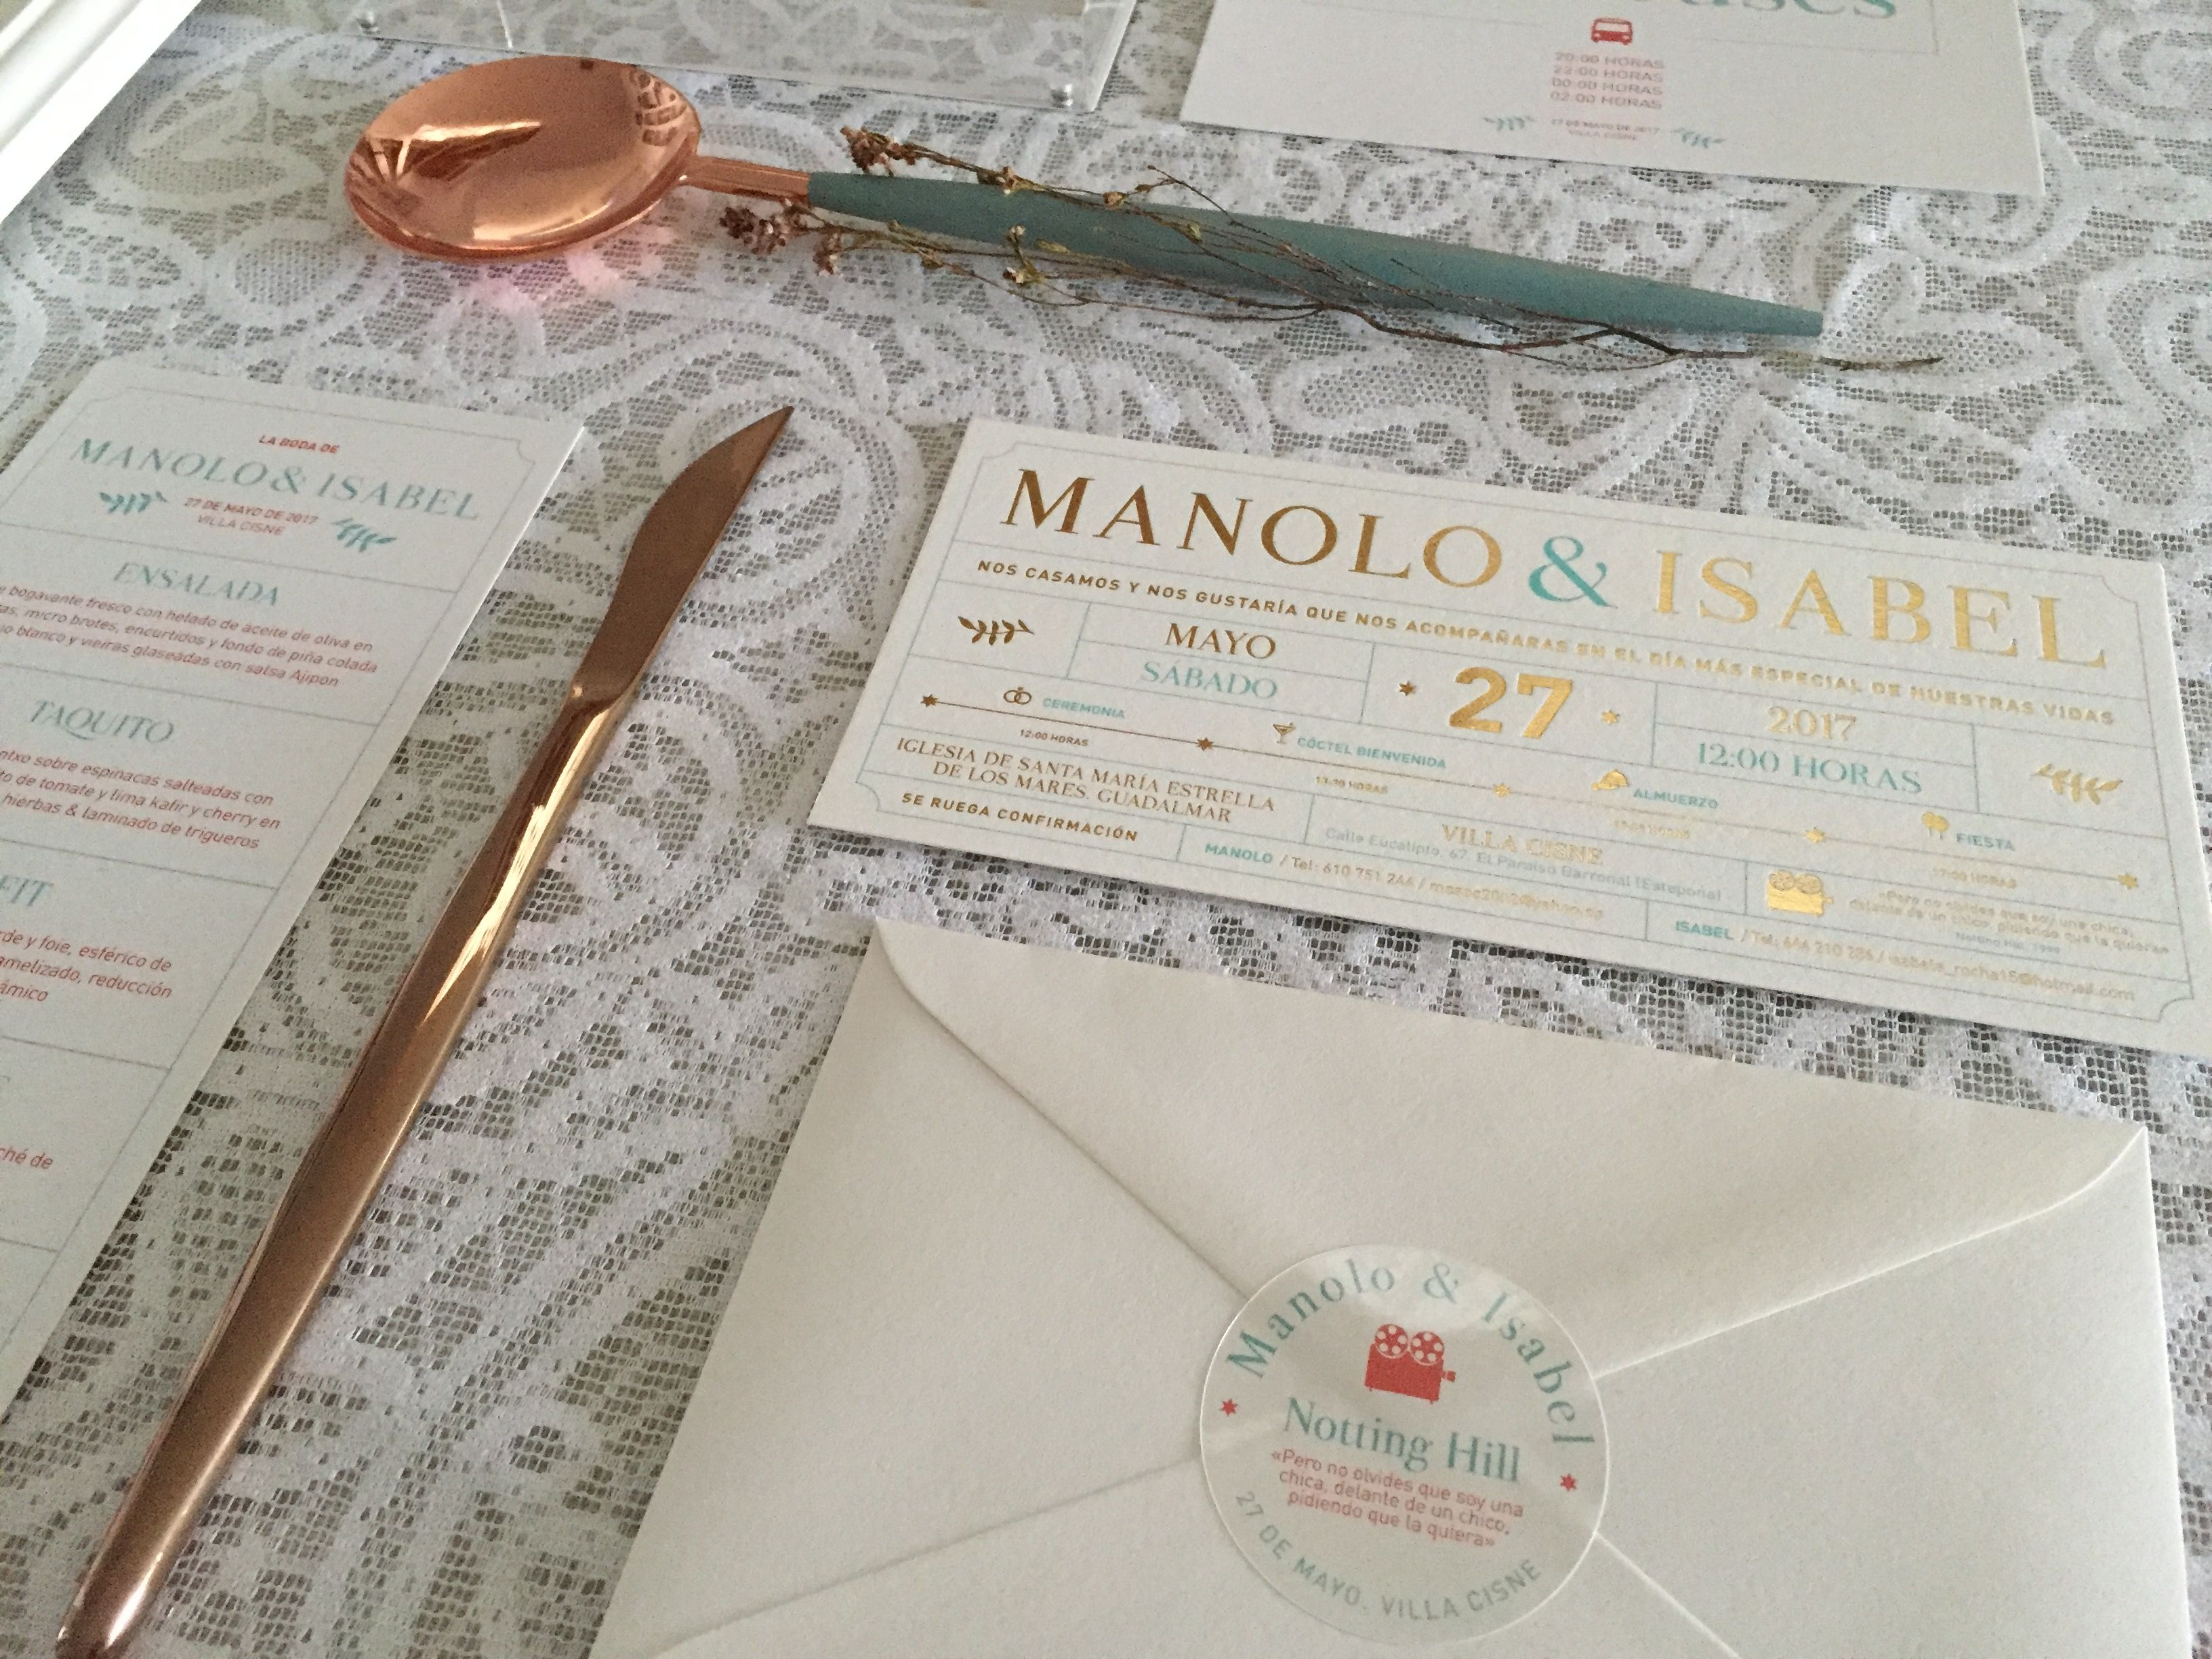 Invitación De Boda De Isabel Y Manolo Con Forma De Ticket De